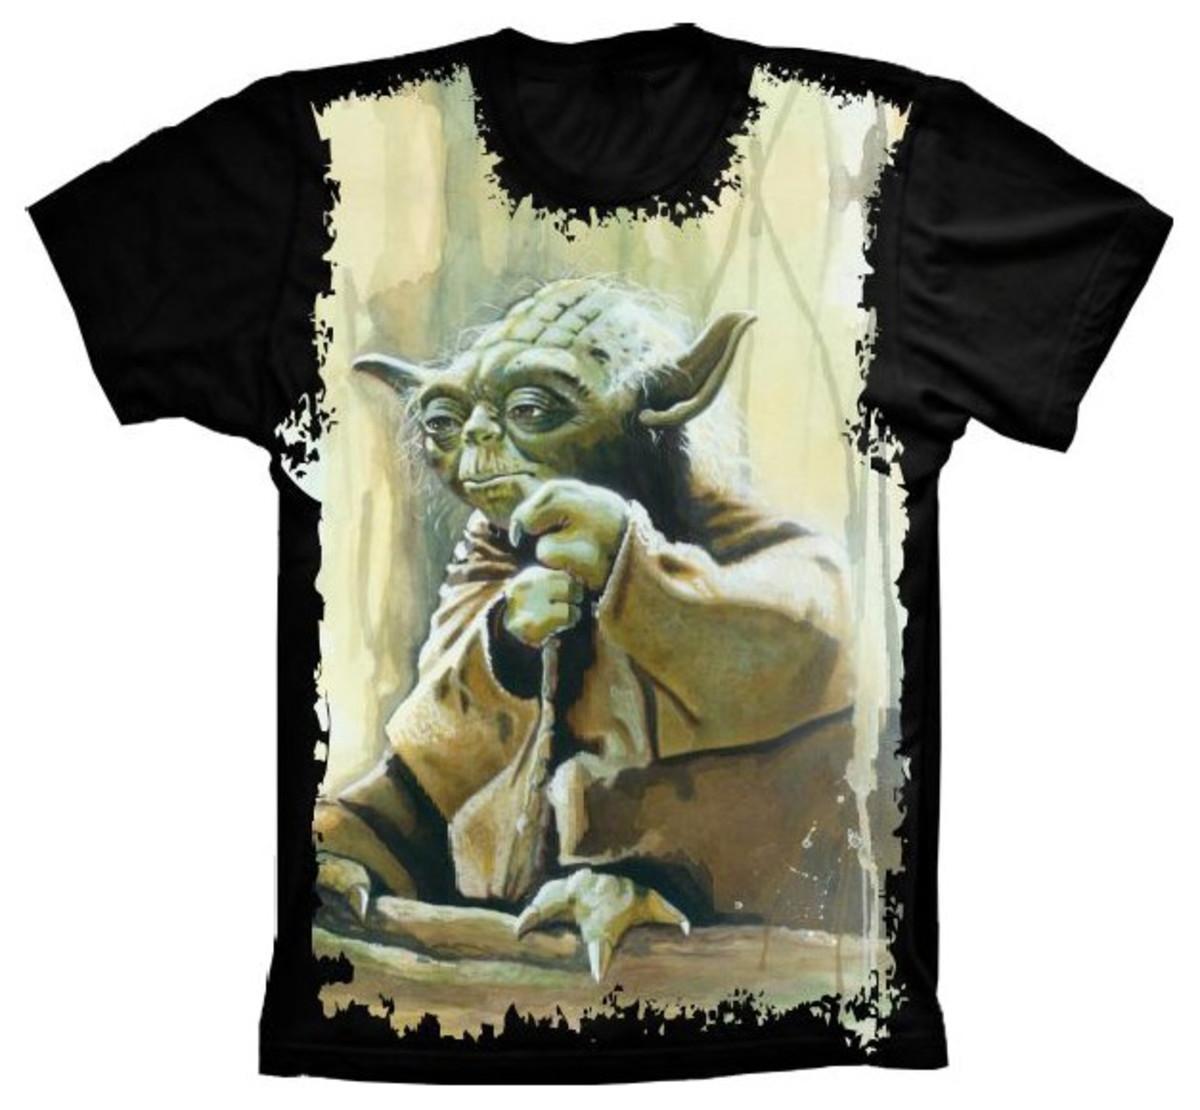 784c654972 Camiseta Star Wars Yoda Jedi no Elo7